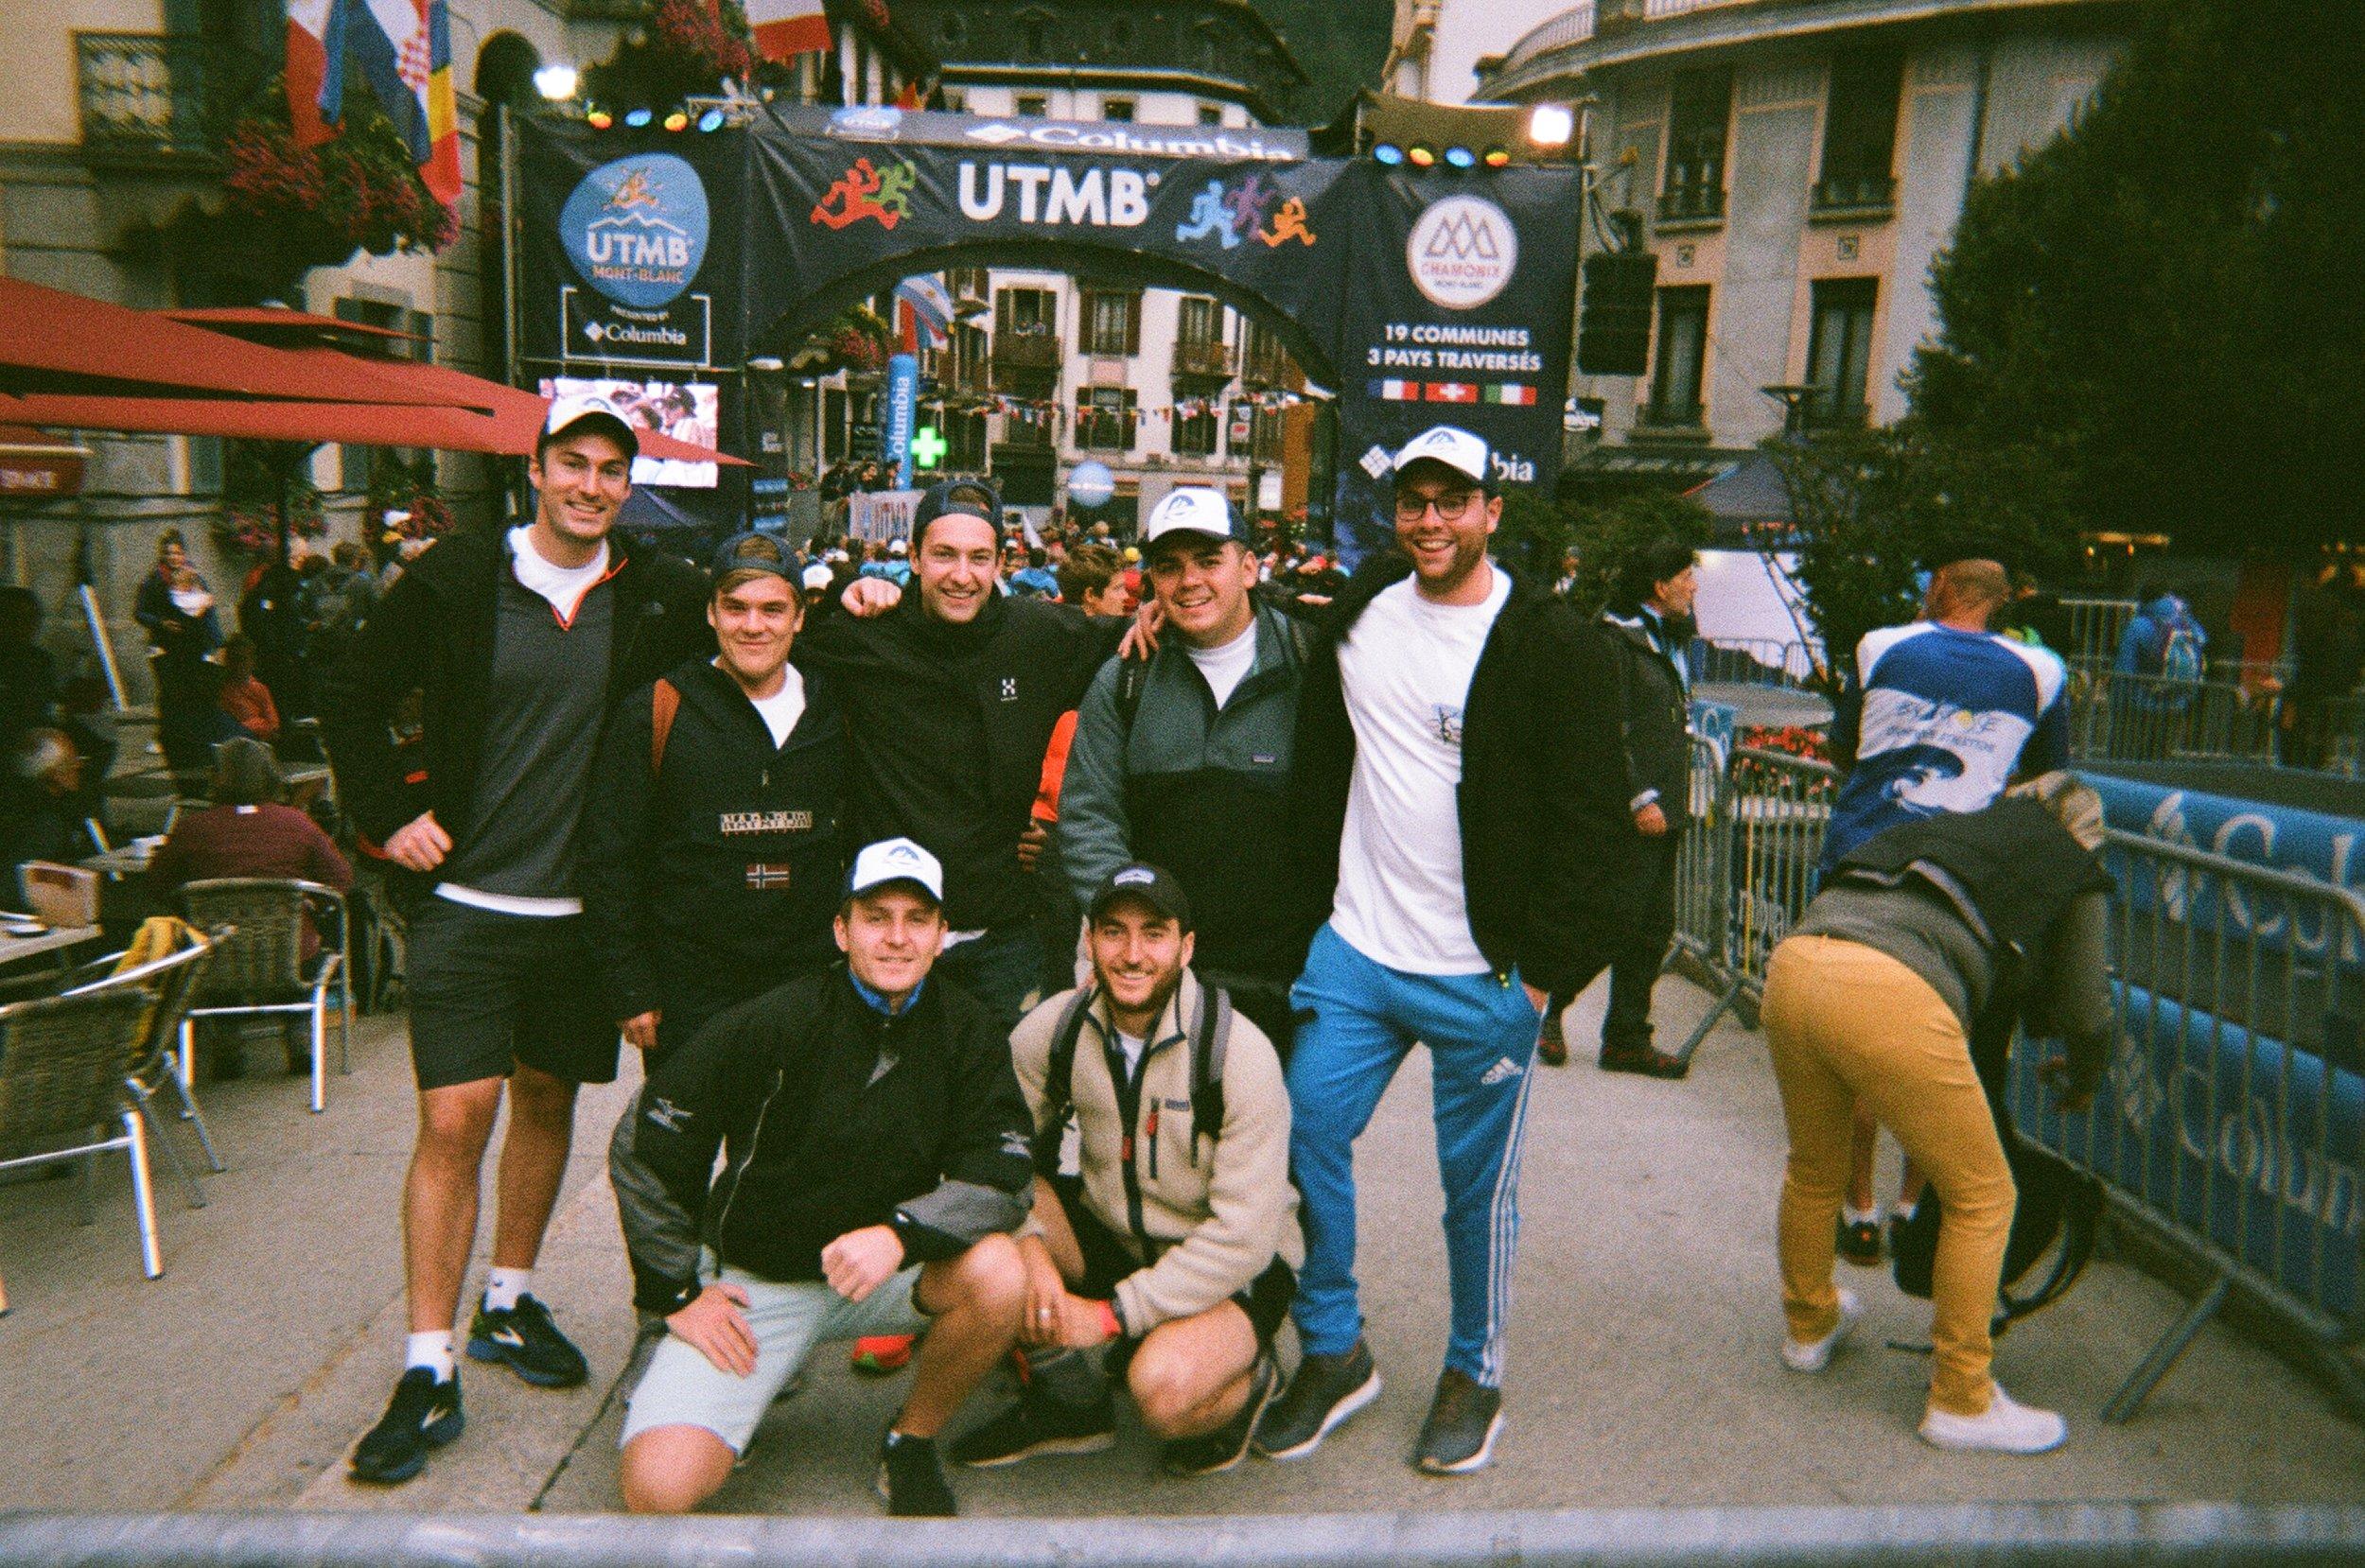 Nicki-Lange-Ultra-Trail-Du-Mont-Blanc-2018-3.jpg